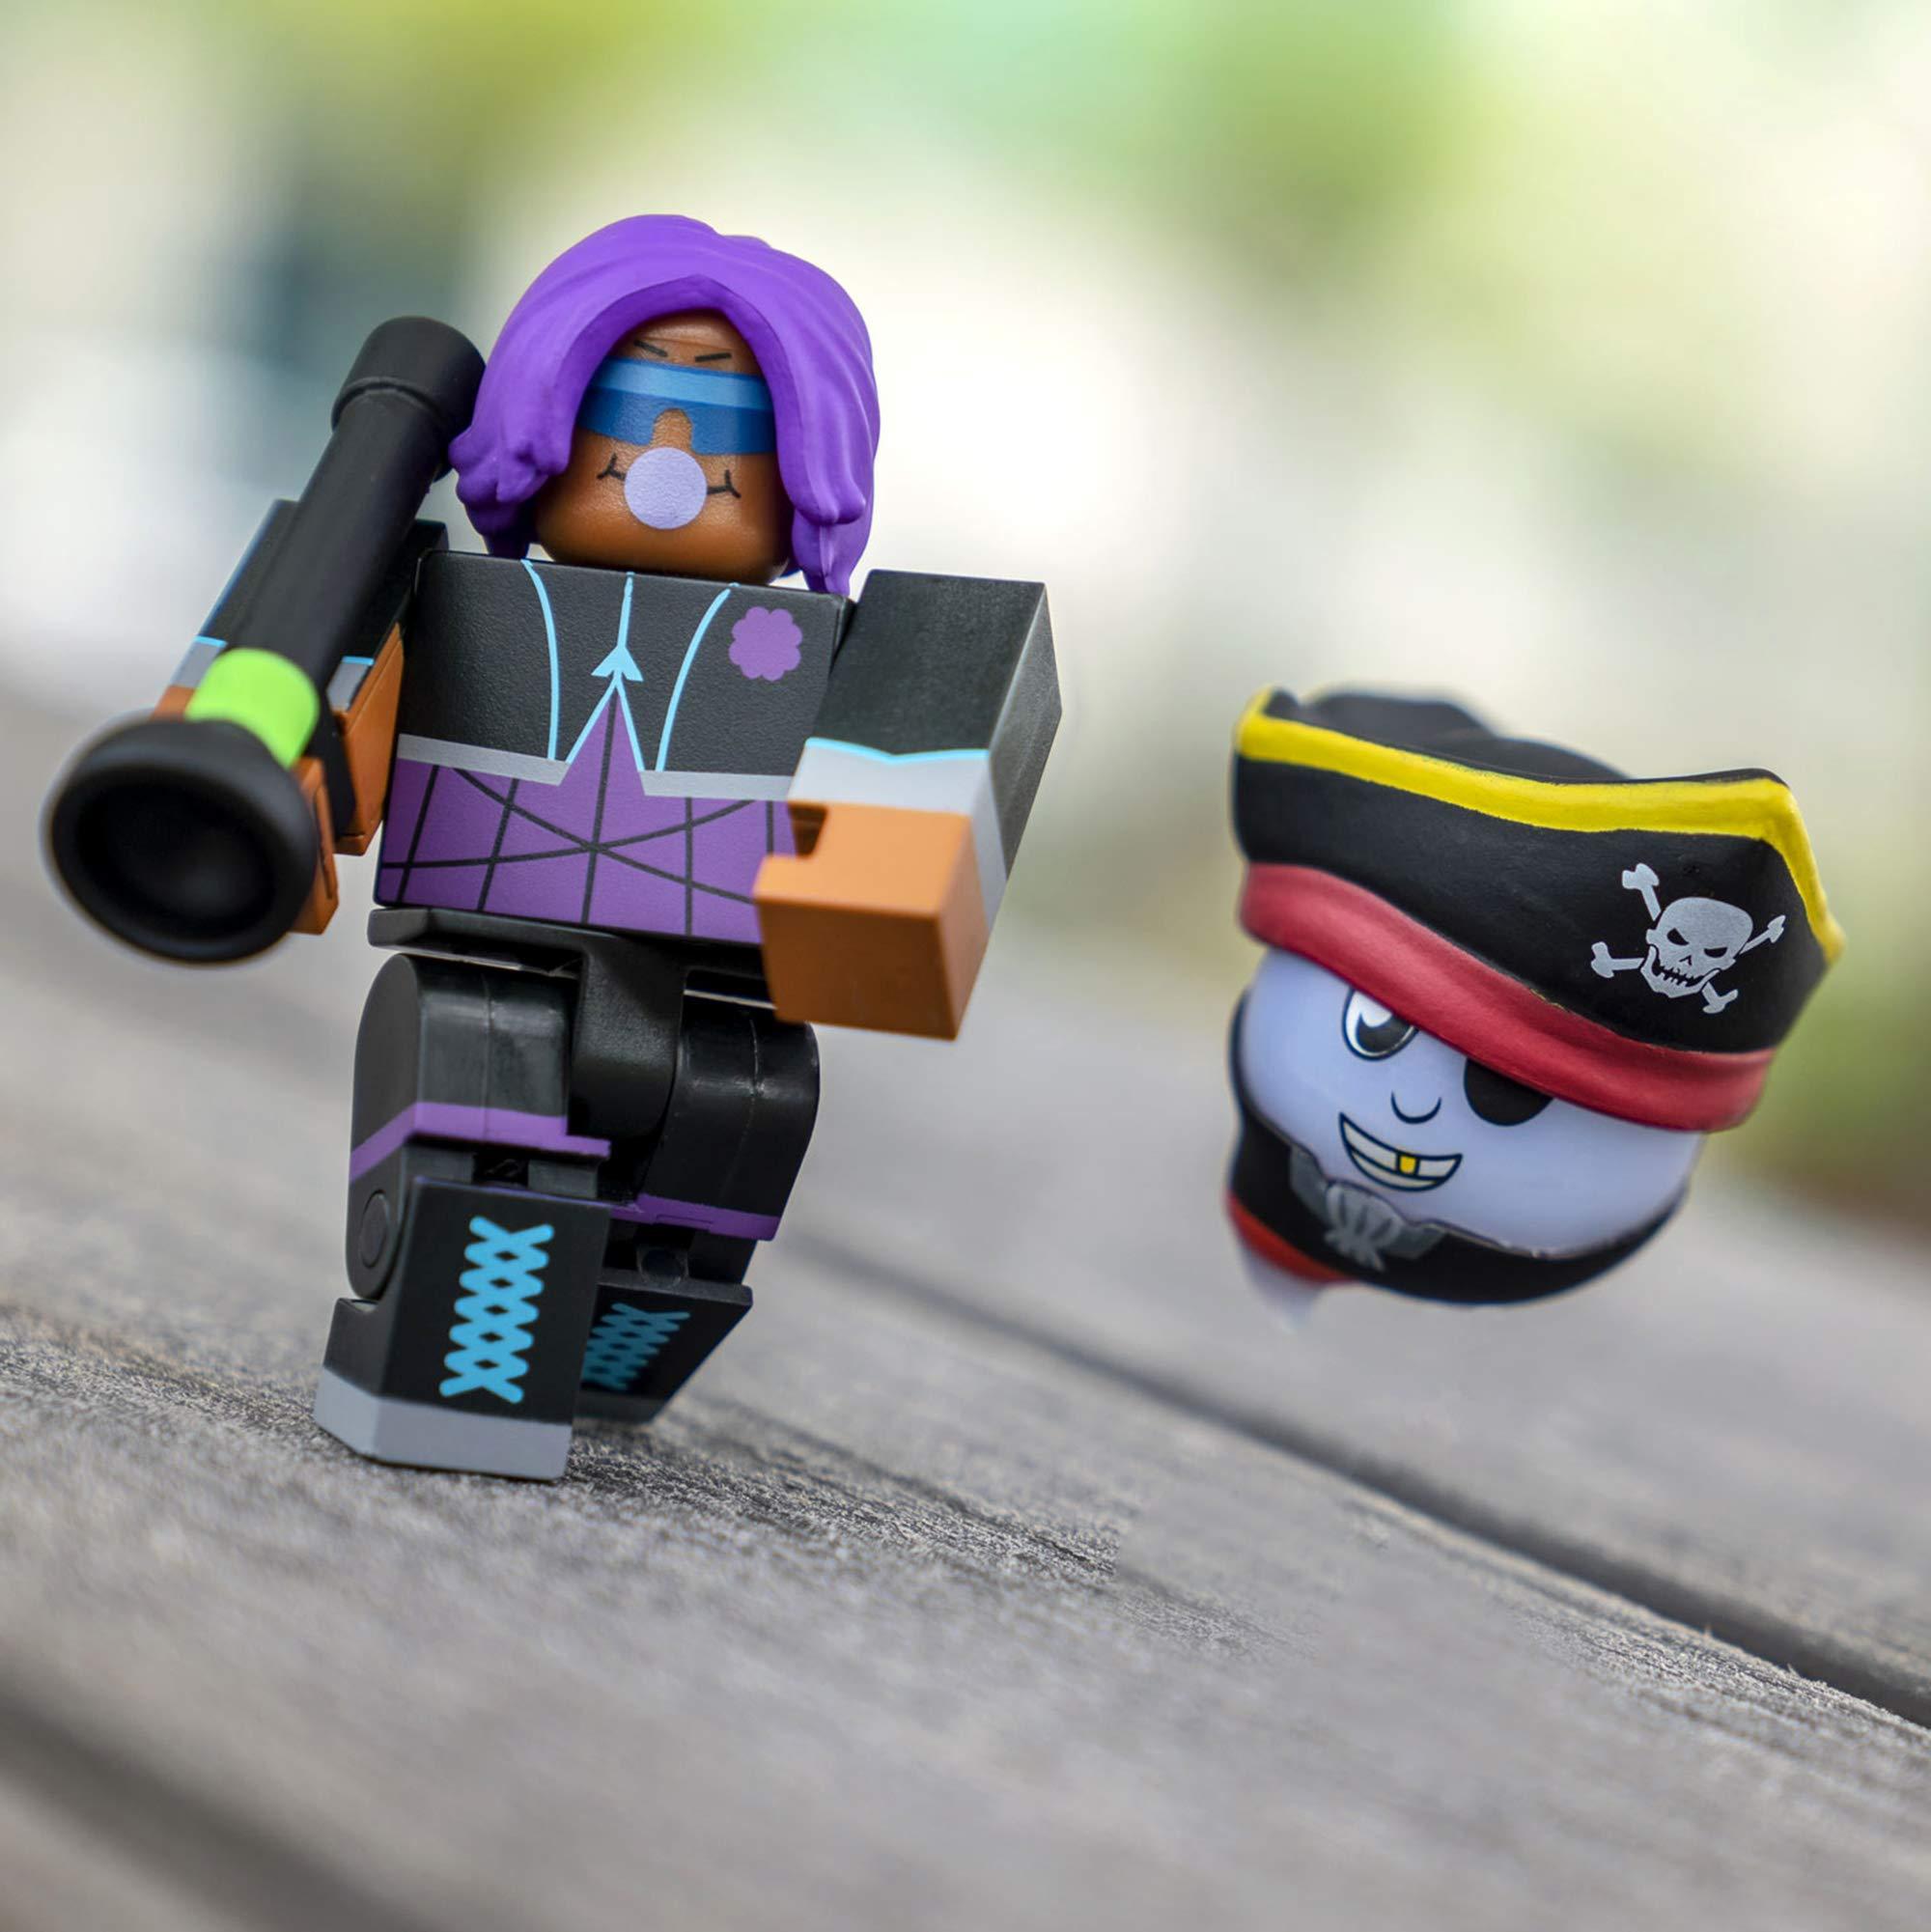 Amazon Com Roblox Queen Of The Treelands Figure Pack Toys Games Amazon Com Roblox Core Figures